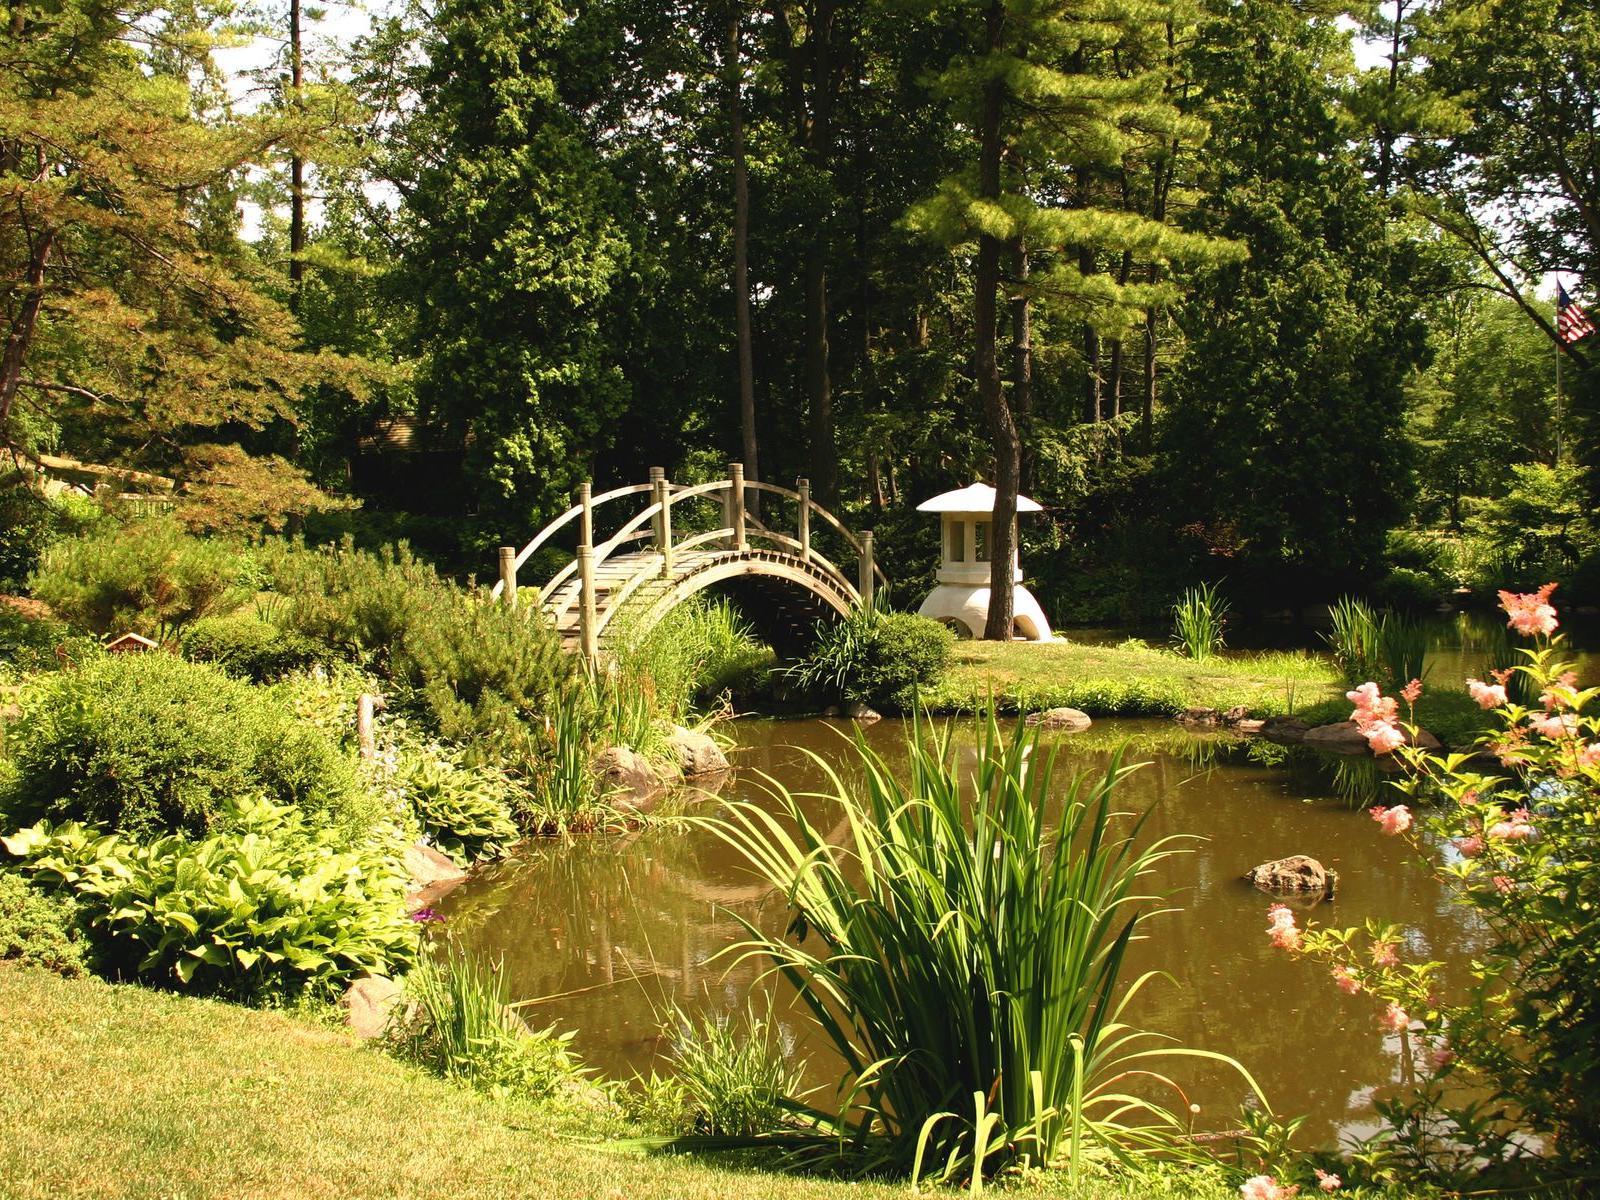 Gardens and bridge